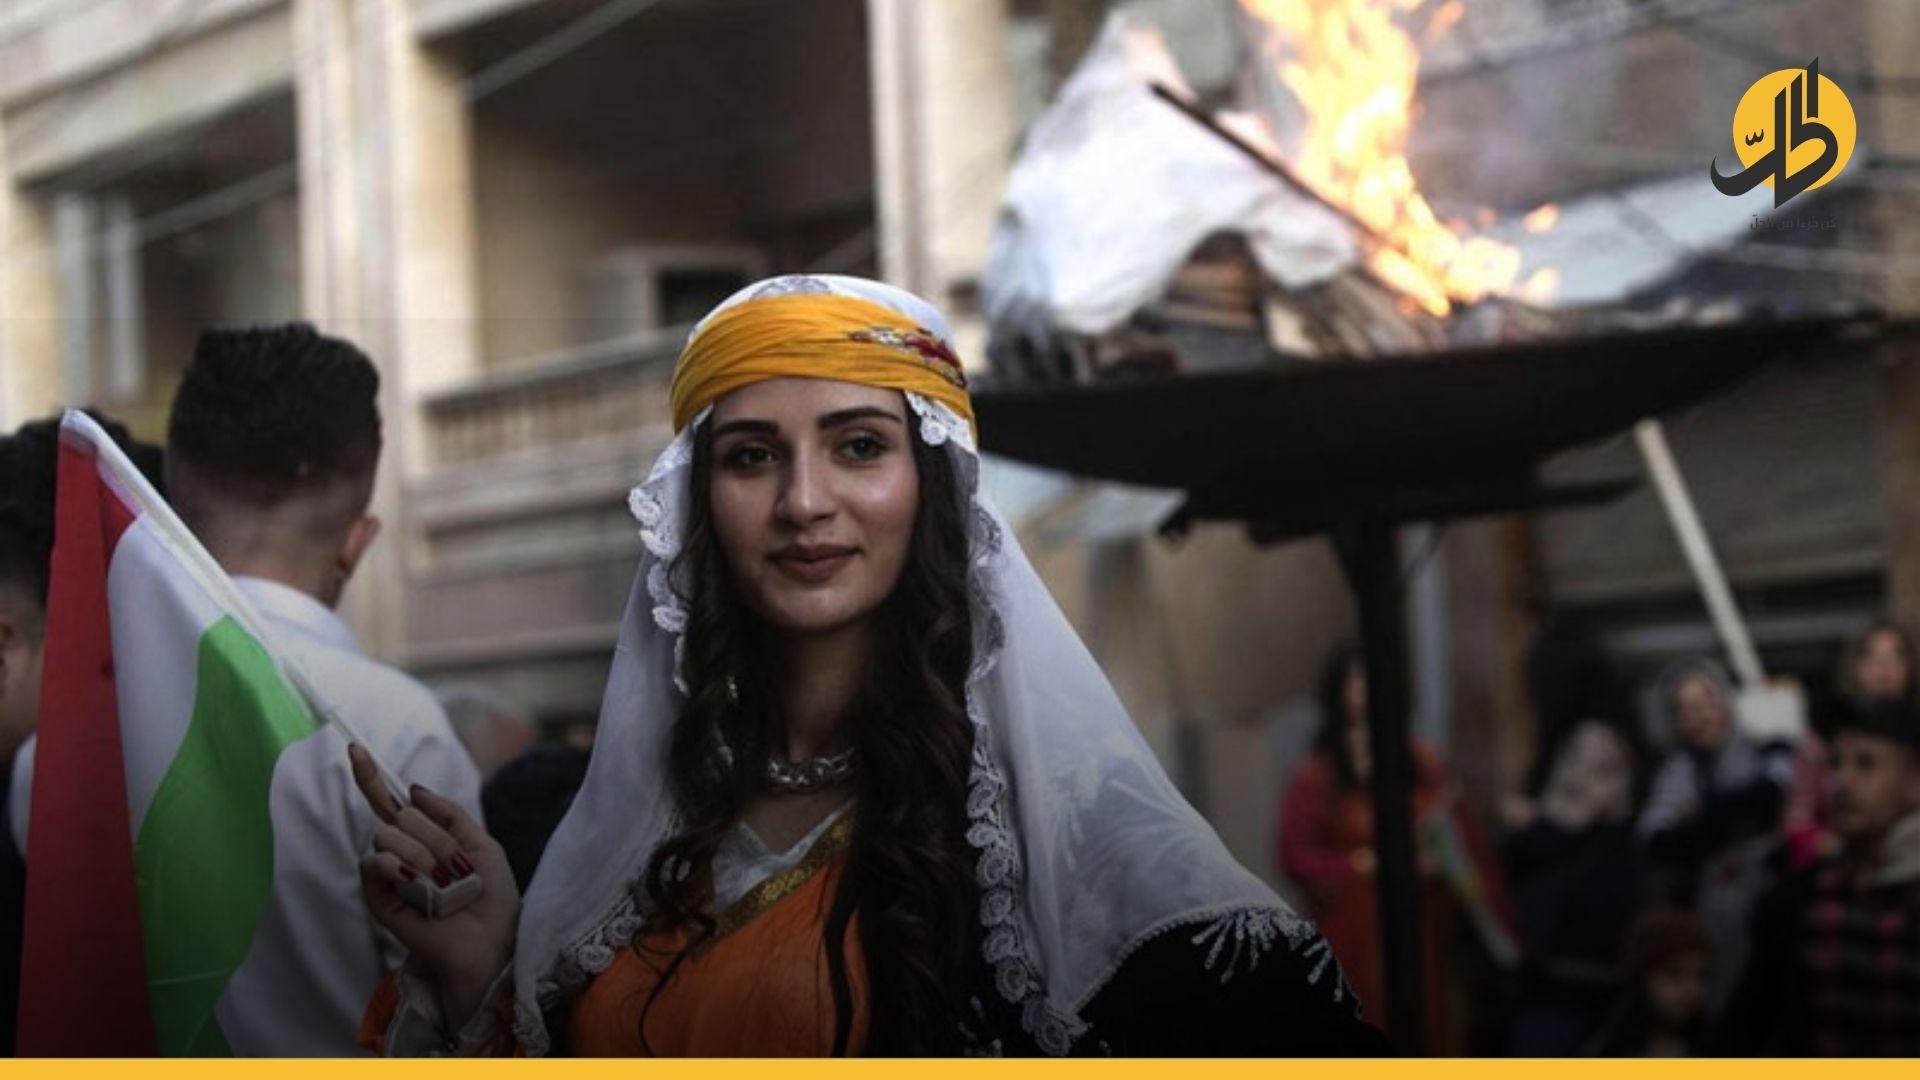 فصائل المعارضة تُخالف قرارات الائتلاف وتُضيّق على المحتفلين بعيد النوروز في عفرين